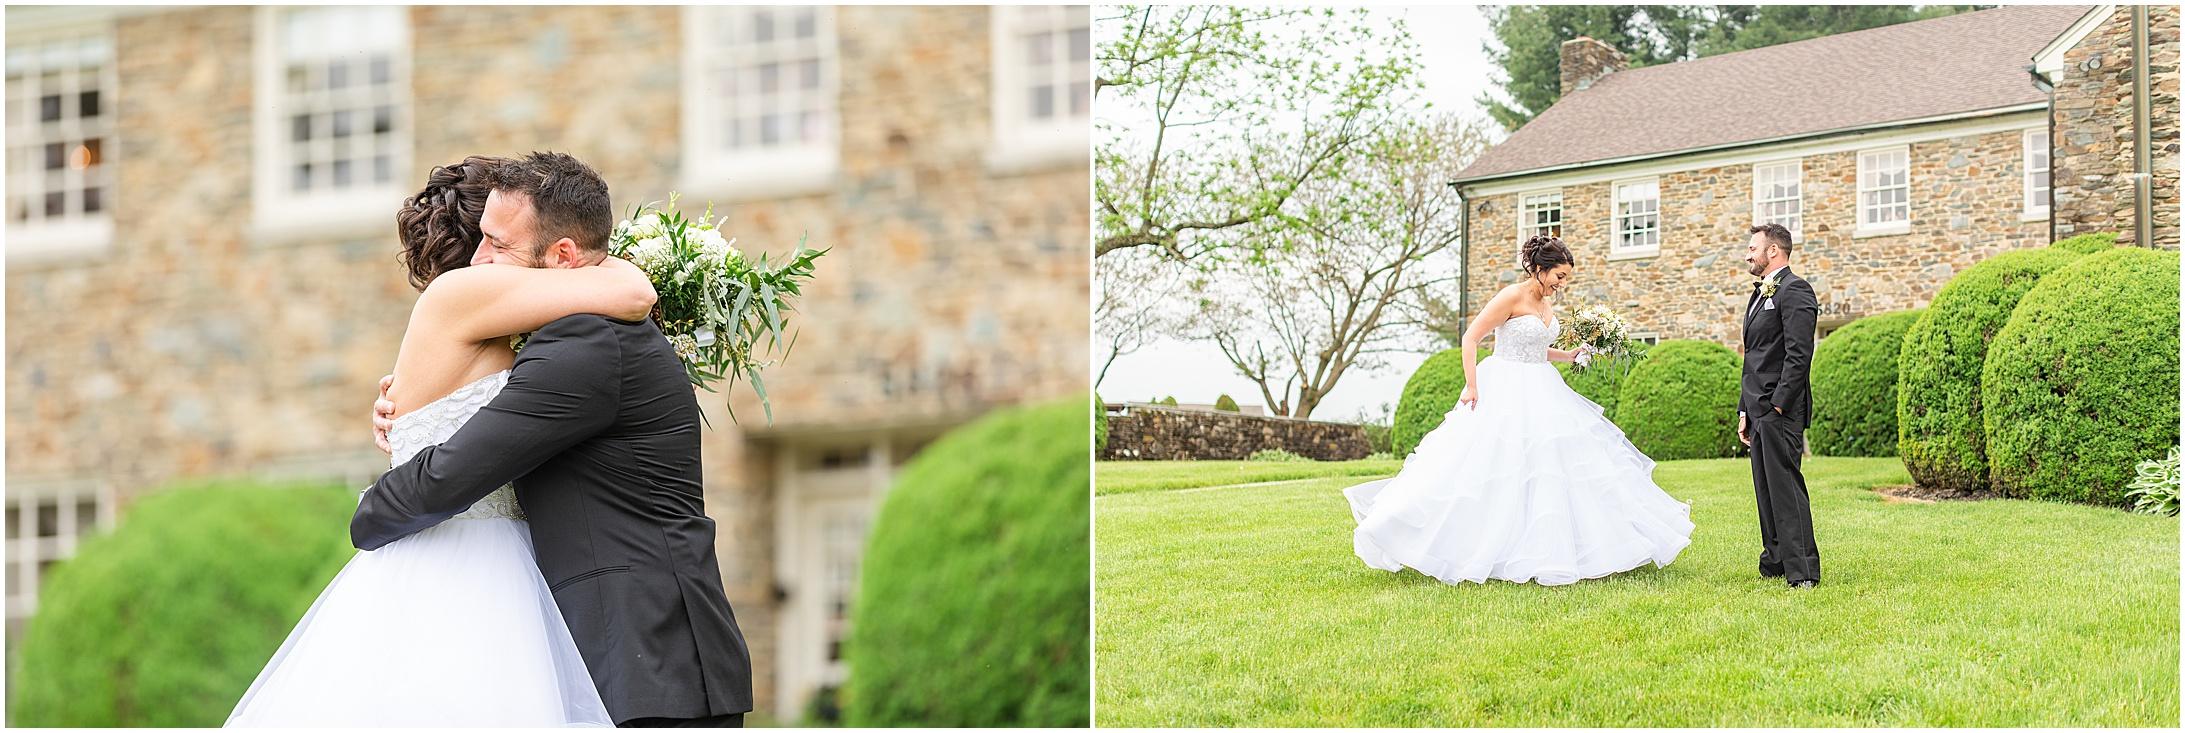 Stone-manor-country-club-wedding-photos-116.jpg